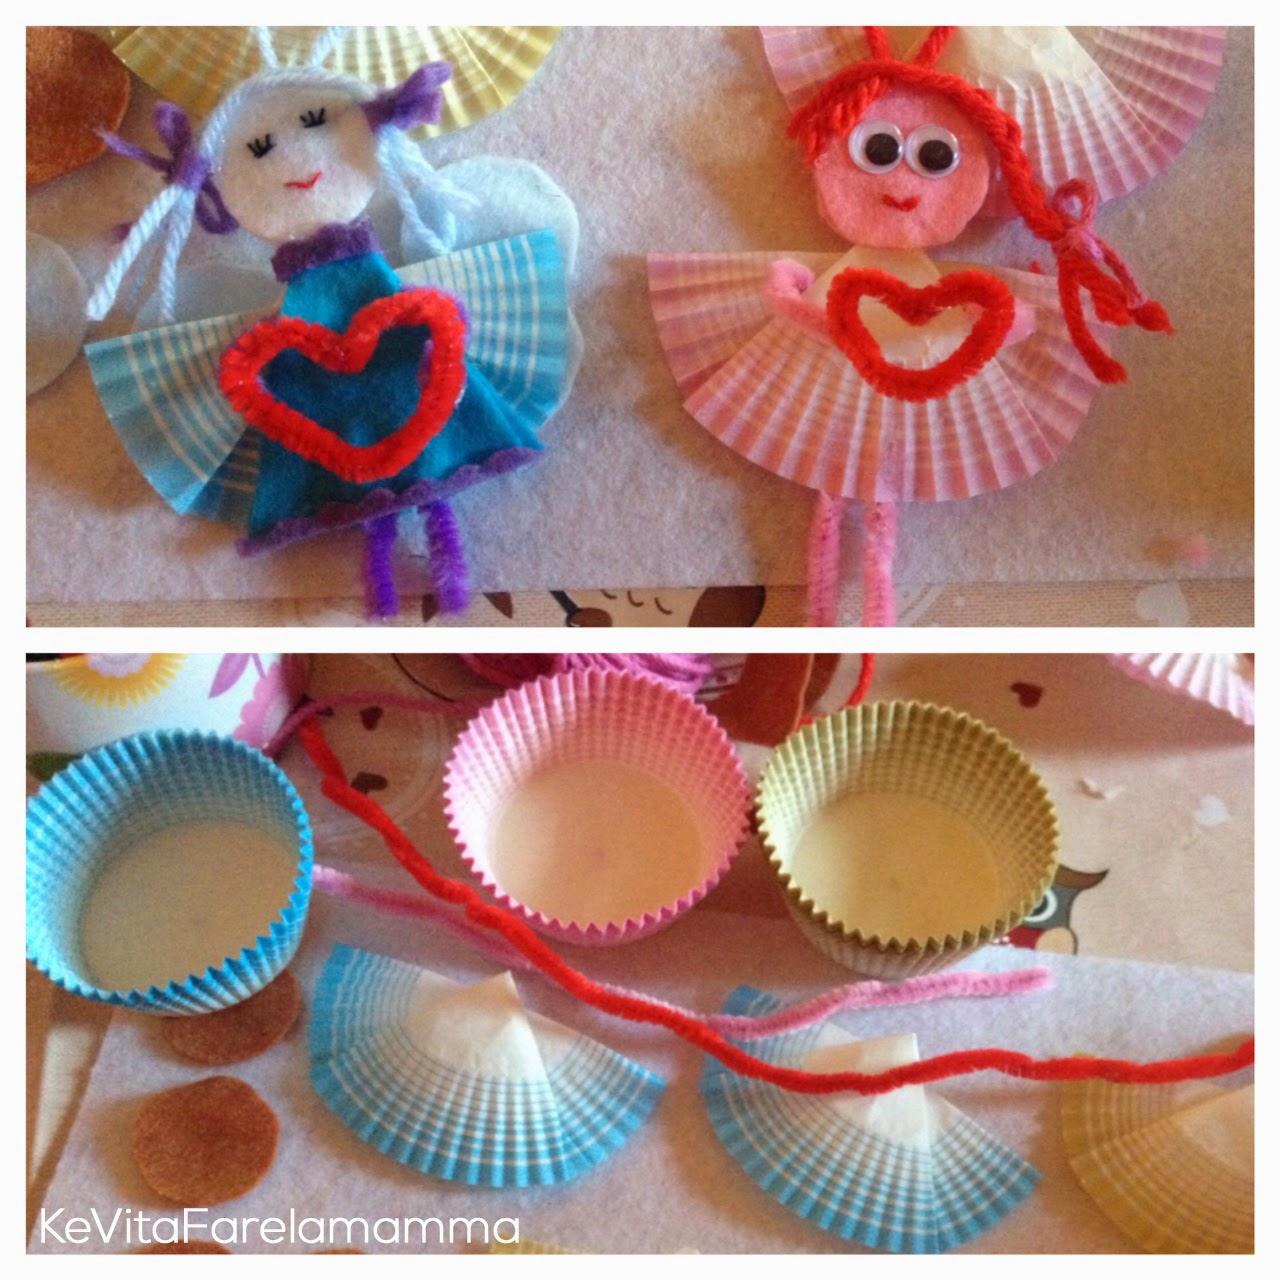 Idee regalo fai da te angeli e presepe di feltro for Idee per regali di compleanno